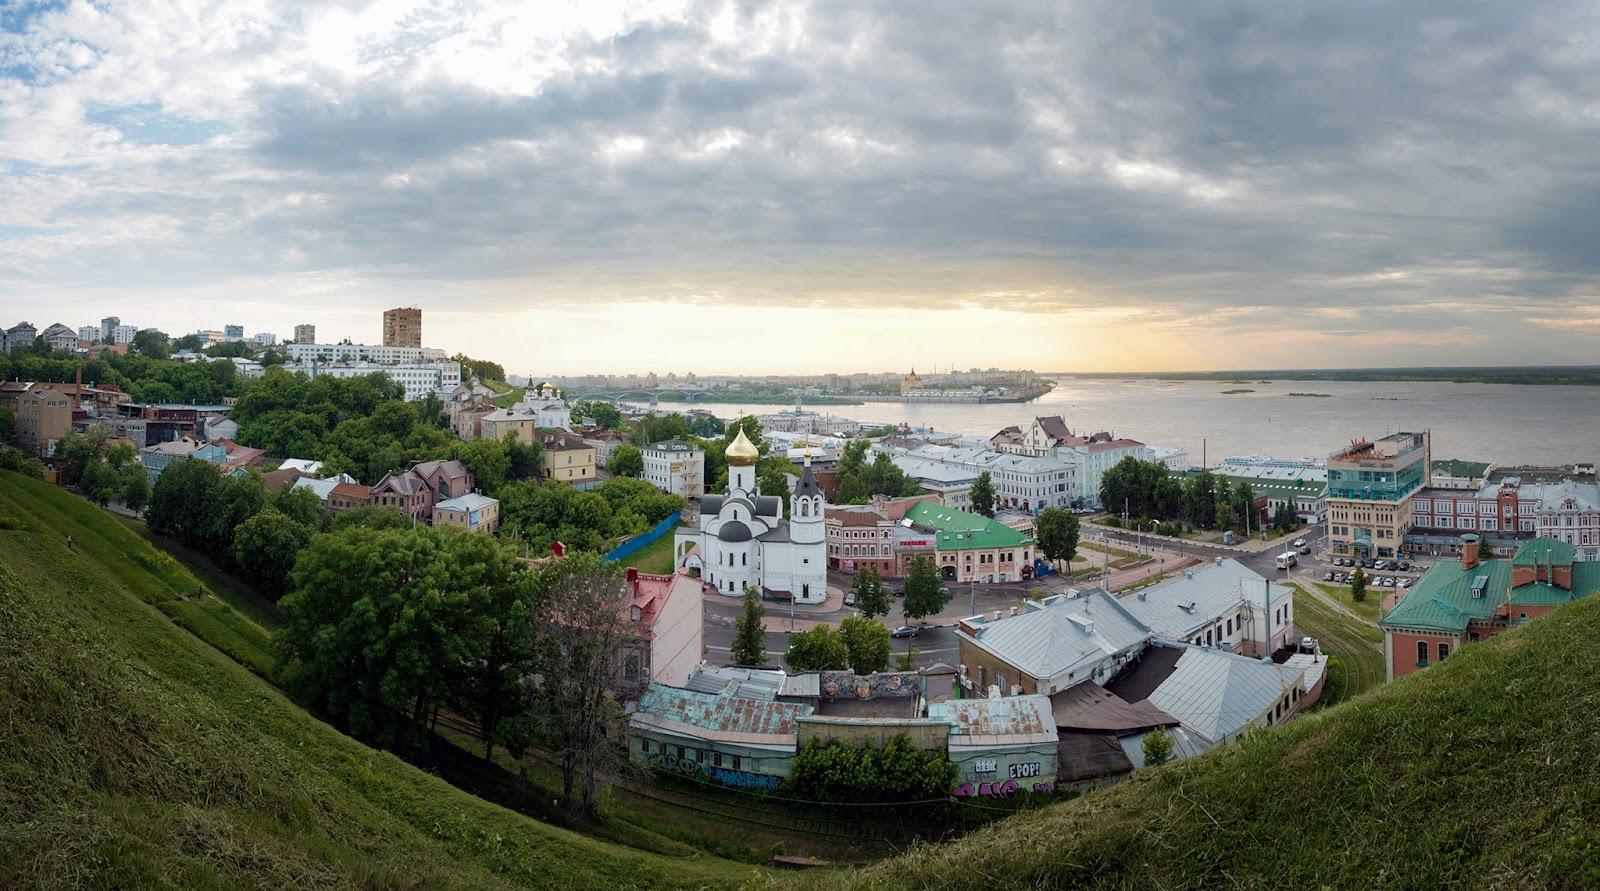 Панорама Нижнего Новгорода. Фотография